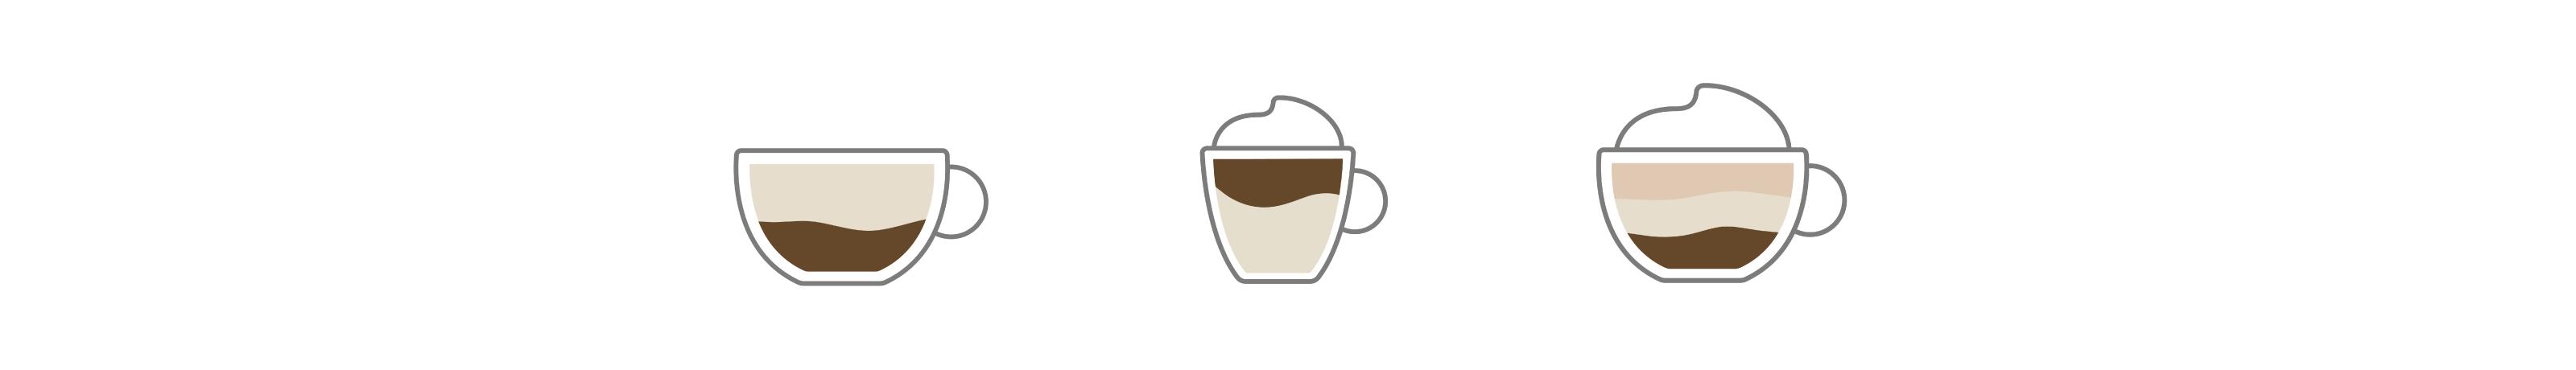 Flat white, latte macchiato and cappuccino icons